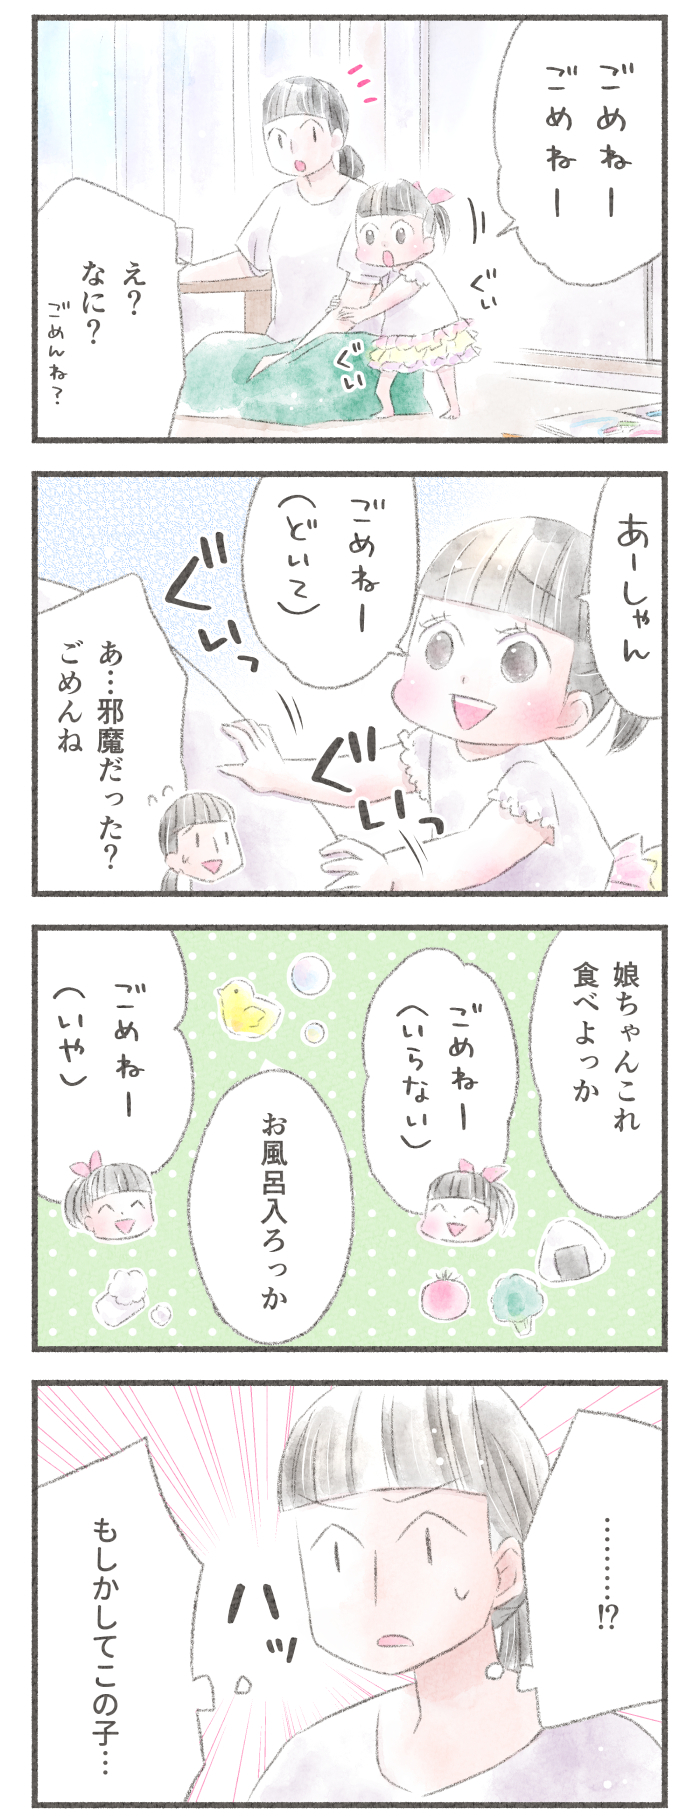 可愛すぎるよ!!娘の「ごめんね」活用法と、我が子の今を抱きしめたいワケの画像2